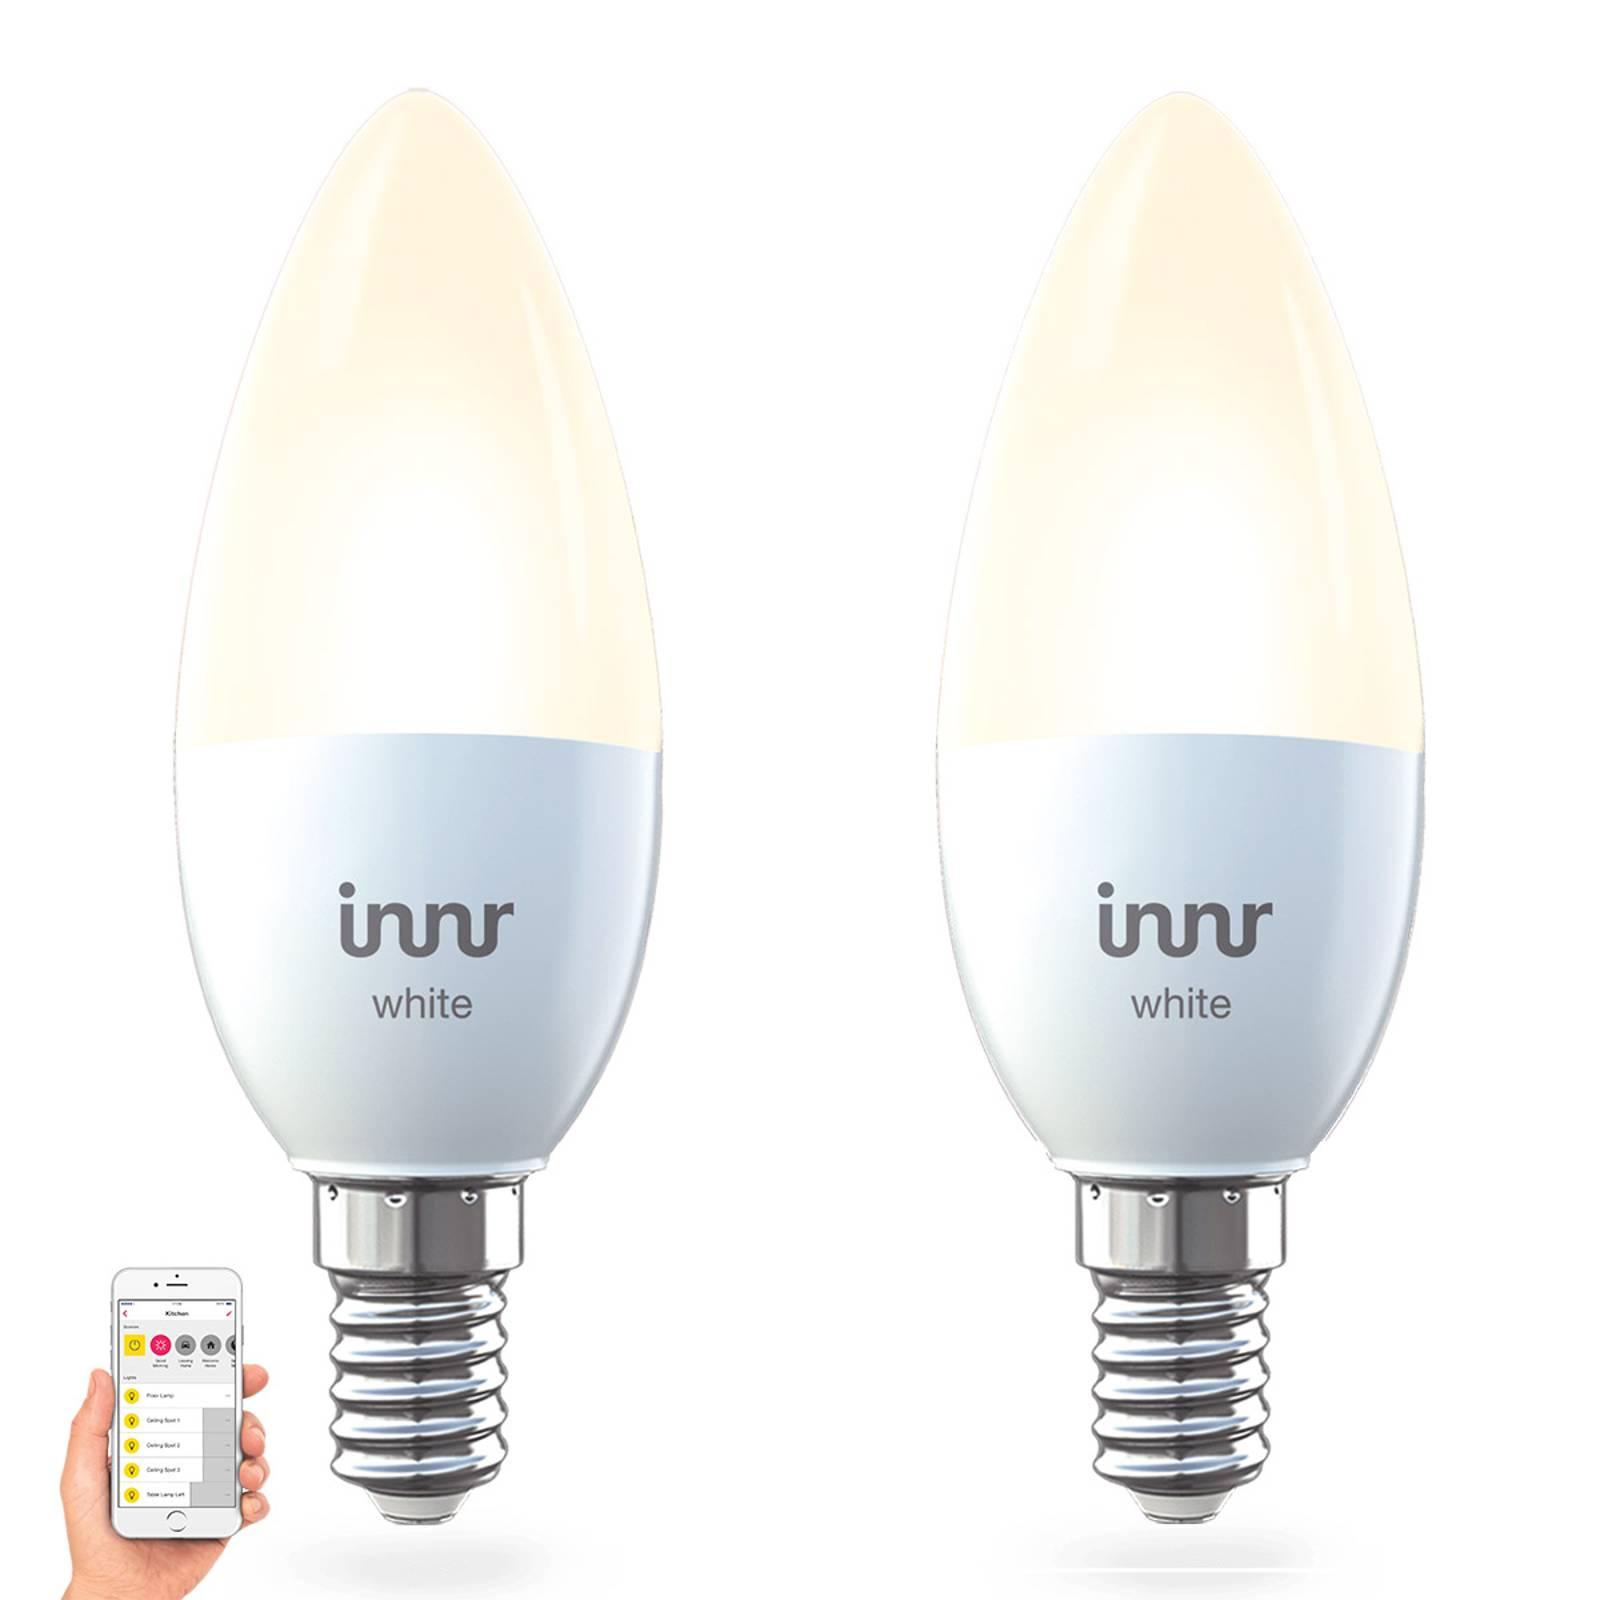 E14 5,3 W lampadina LED Innr Smart Candle White 2x